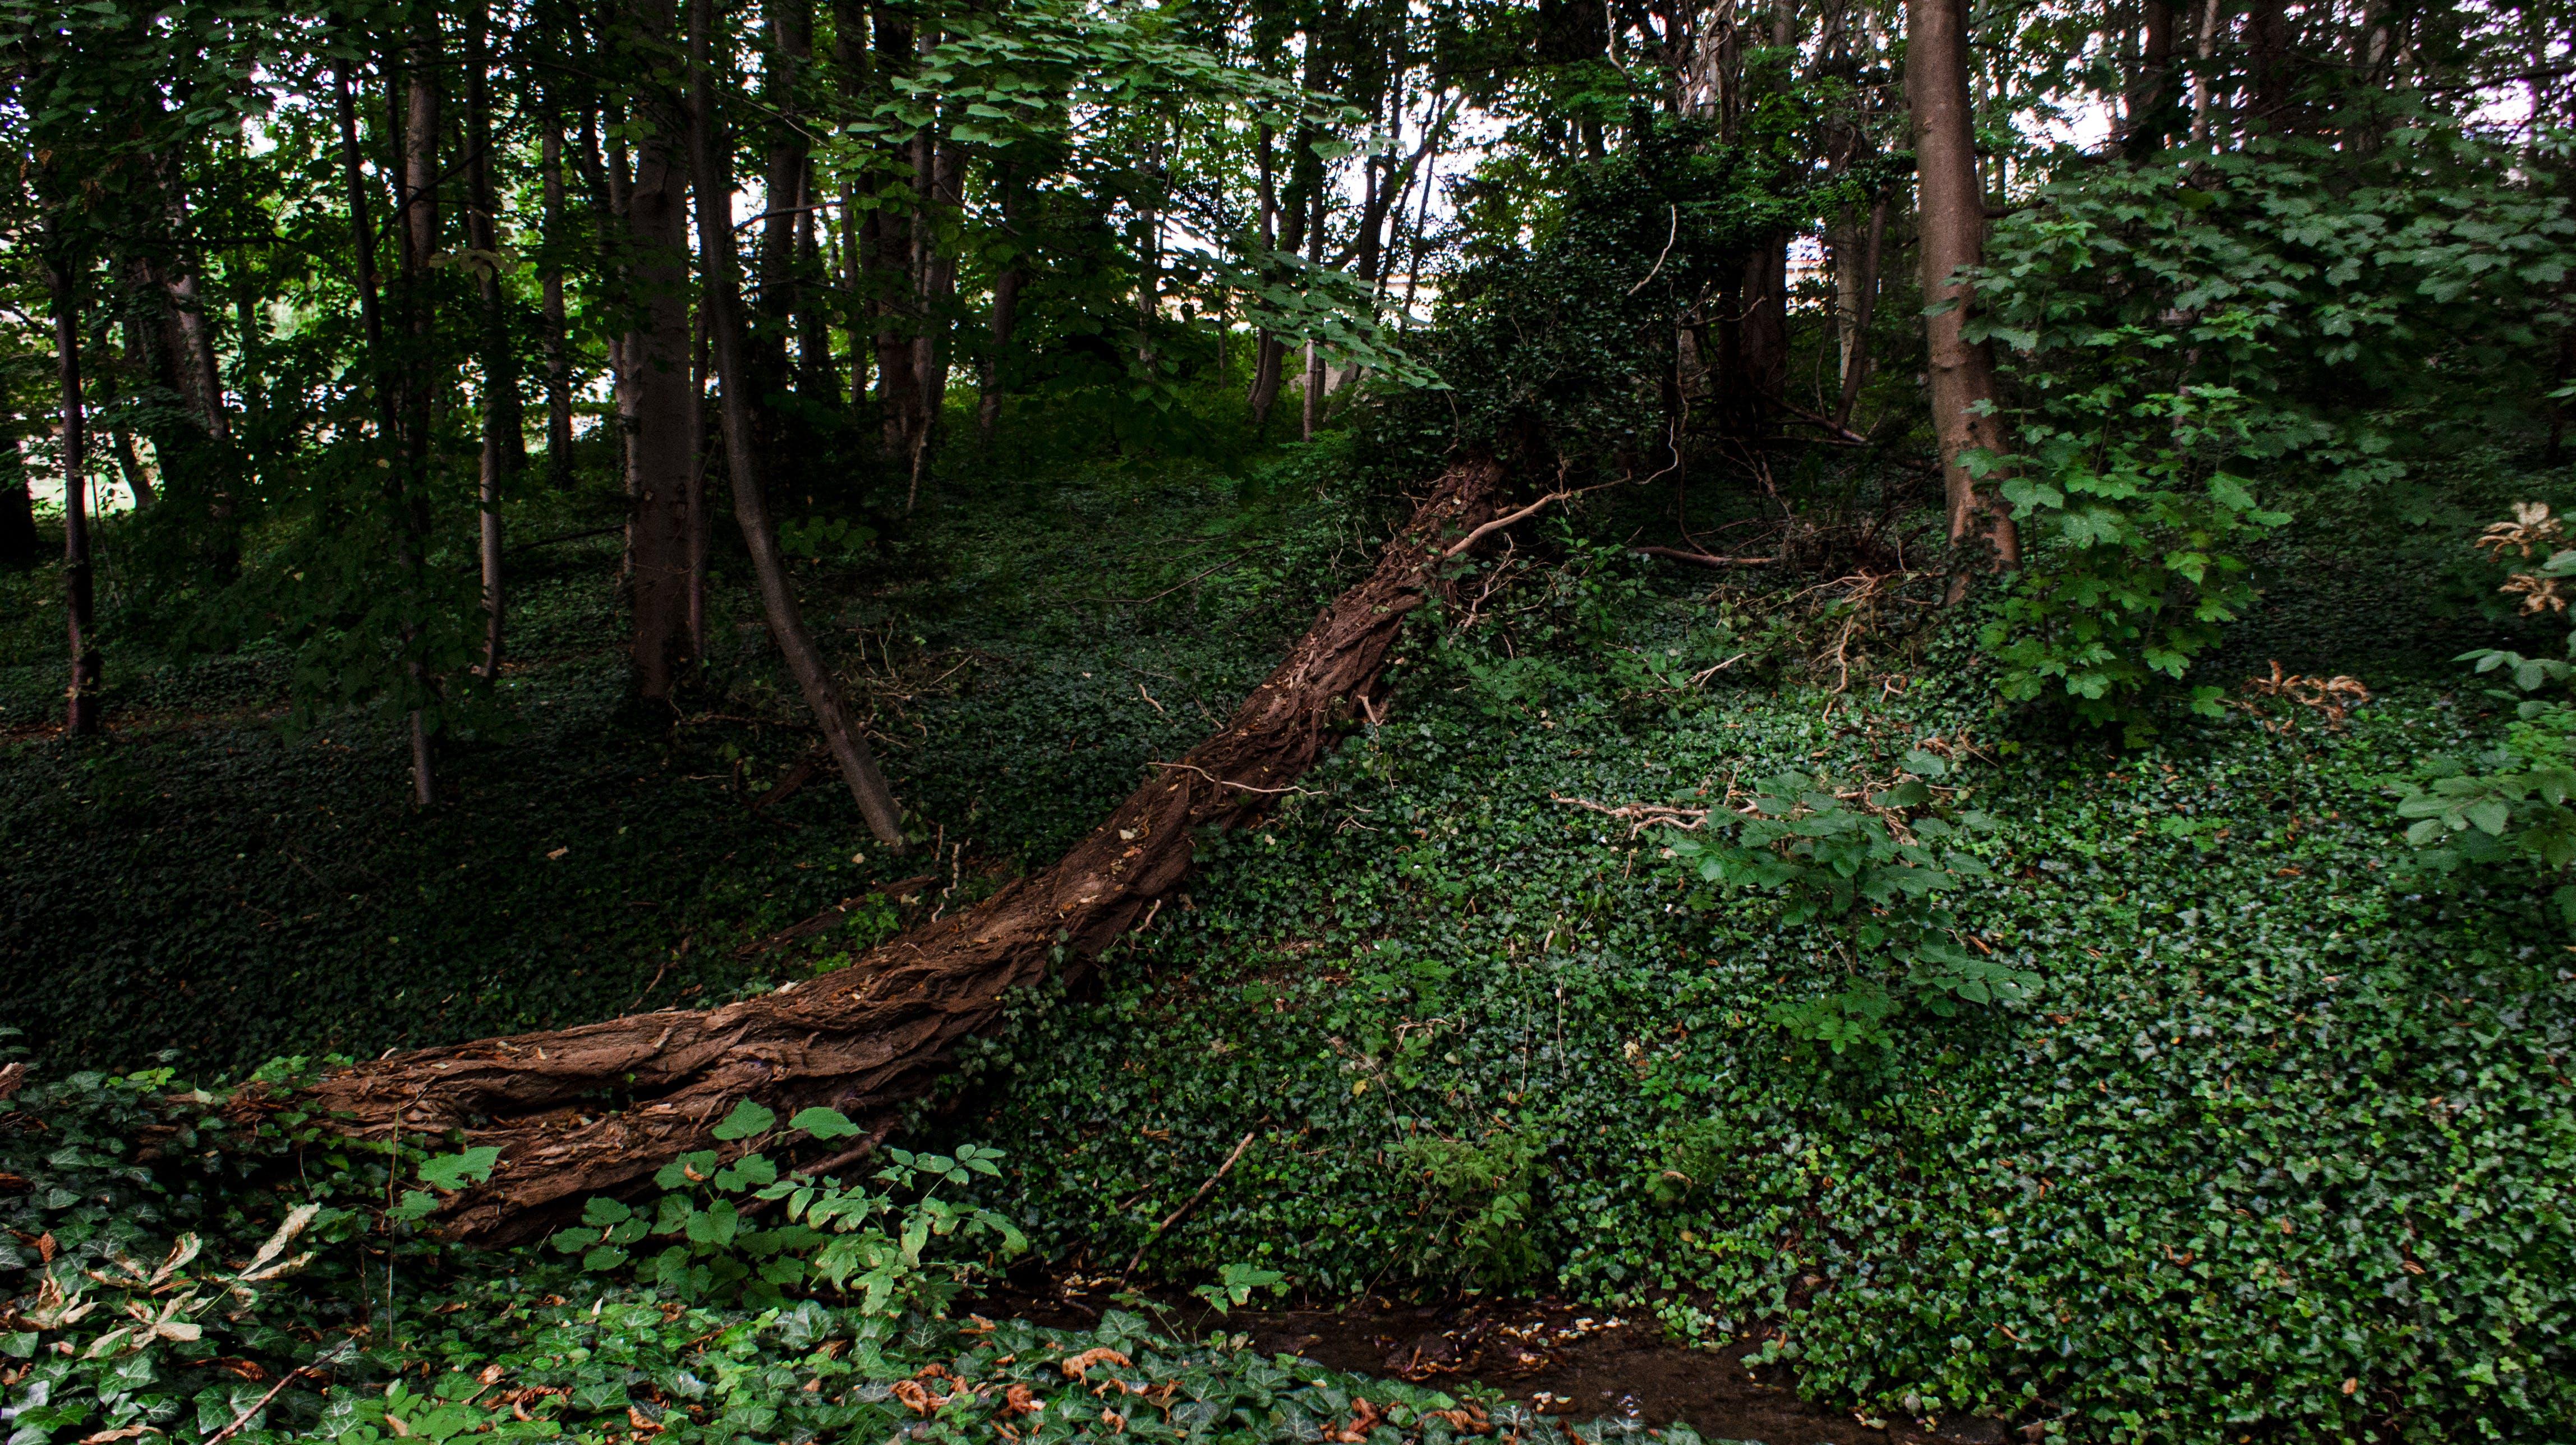 Δωρεάν στοκ φωτογραφιών με δασική έκταση, δασικός, δέντρο, κισσός